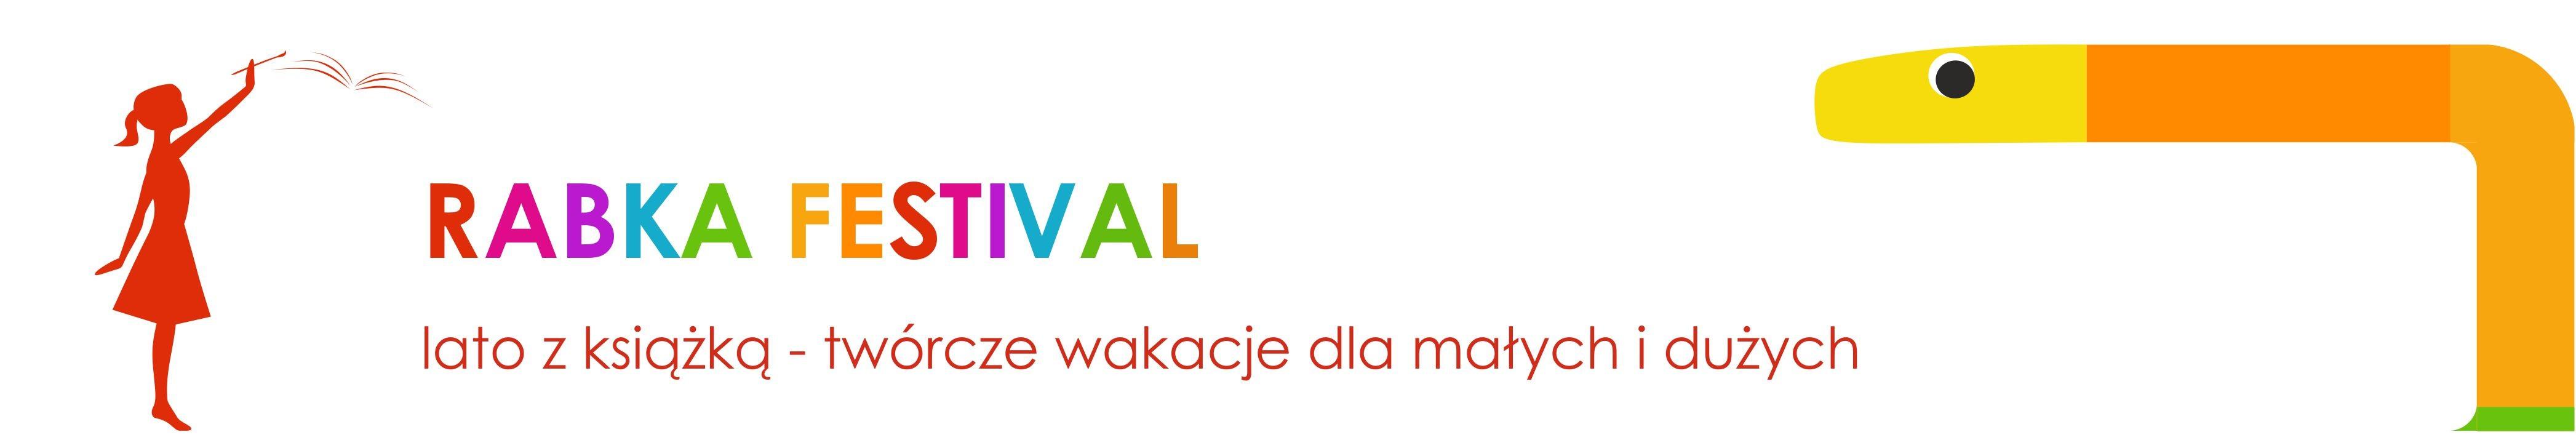 festiwal dla dzieci w rabce